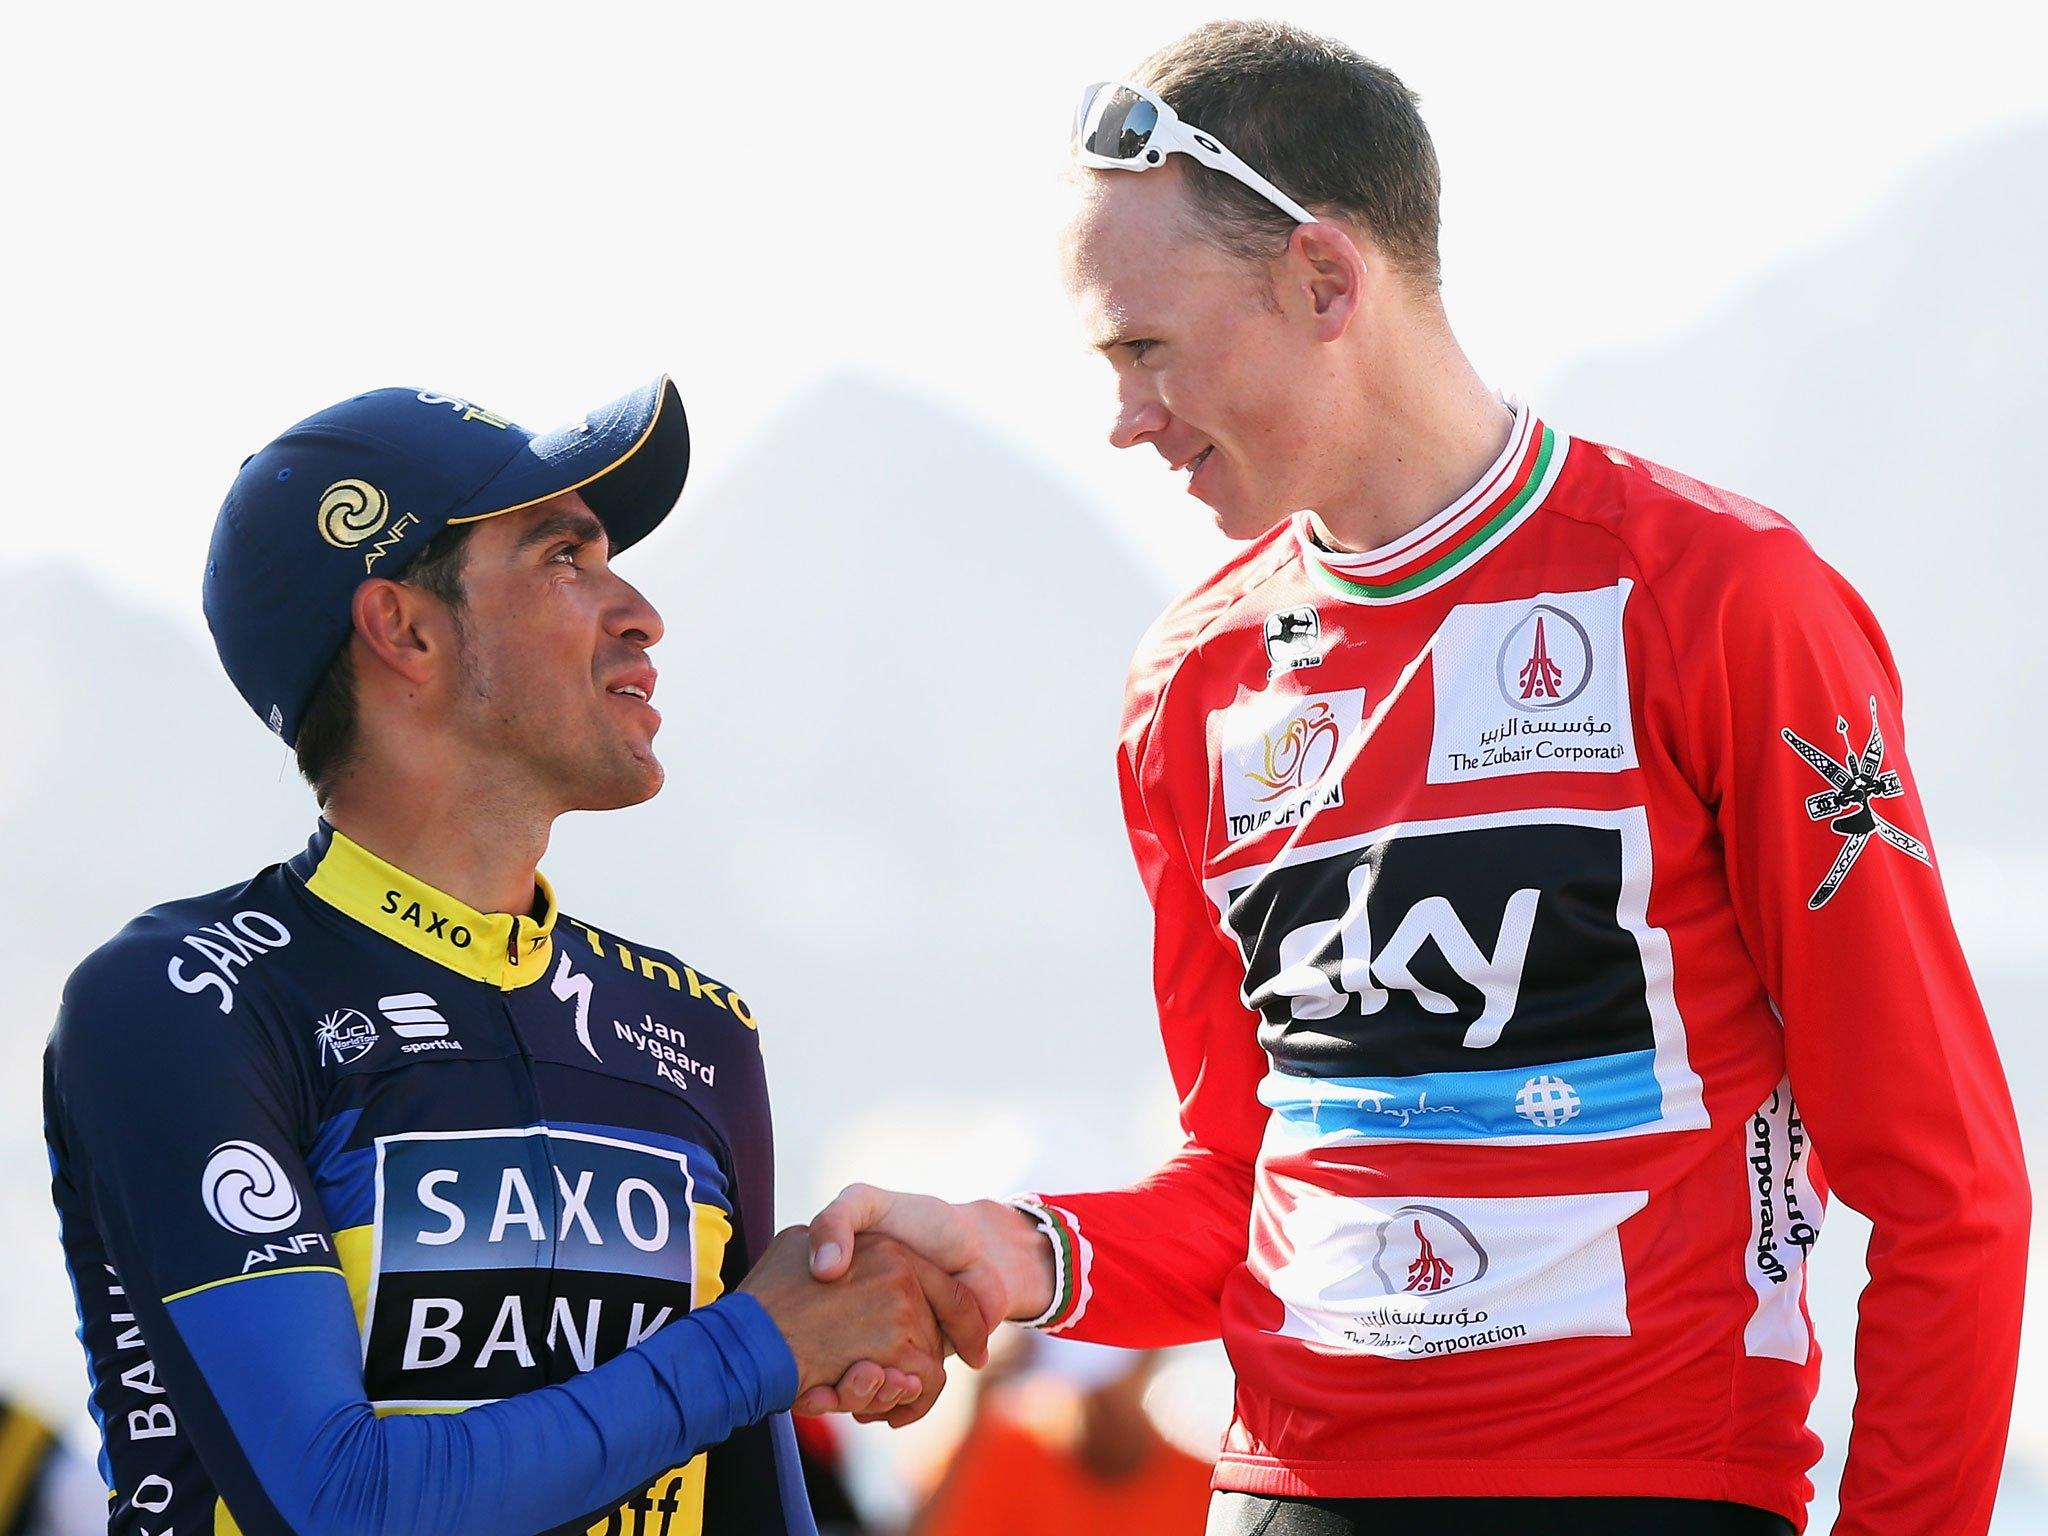 Contador e Froome podem ser, mais uma vez, as personagens principais desta história  Fonte: Independent